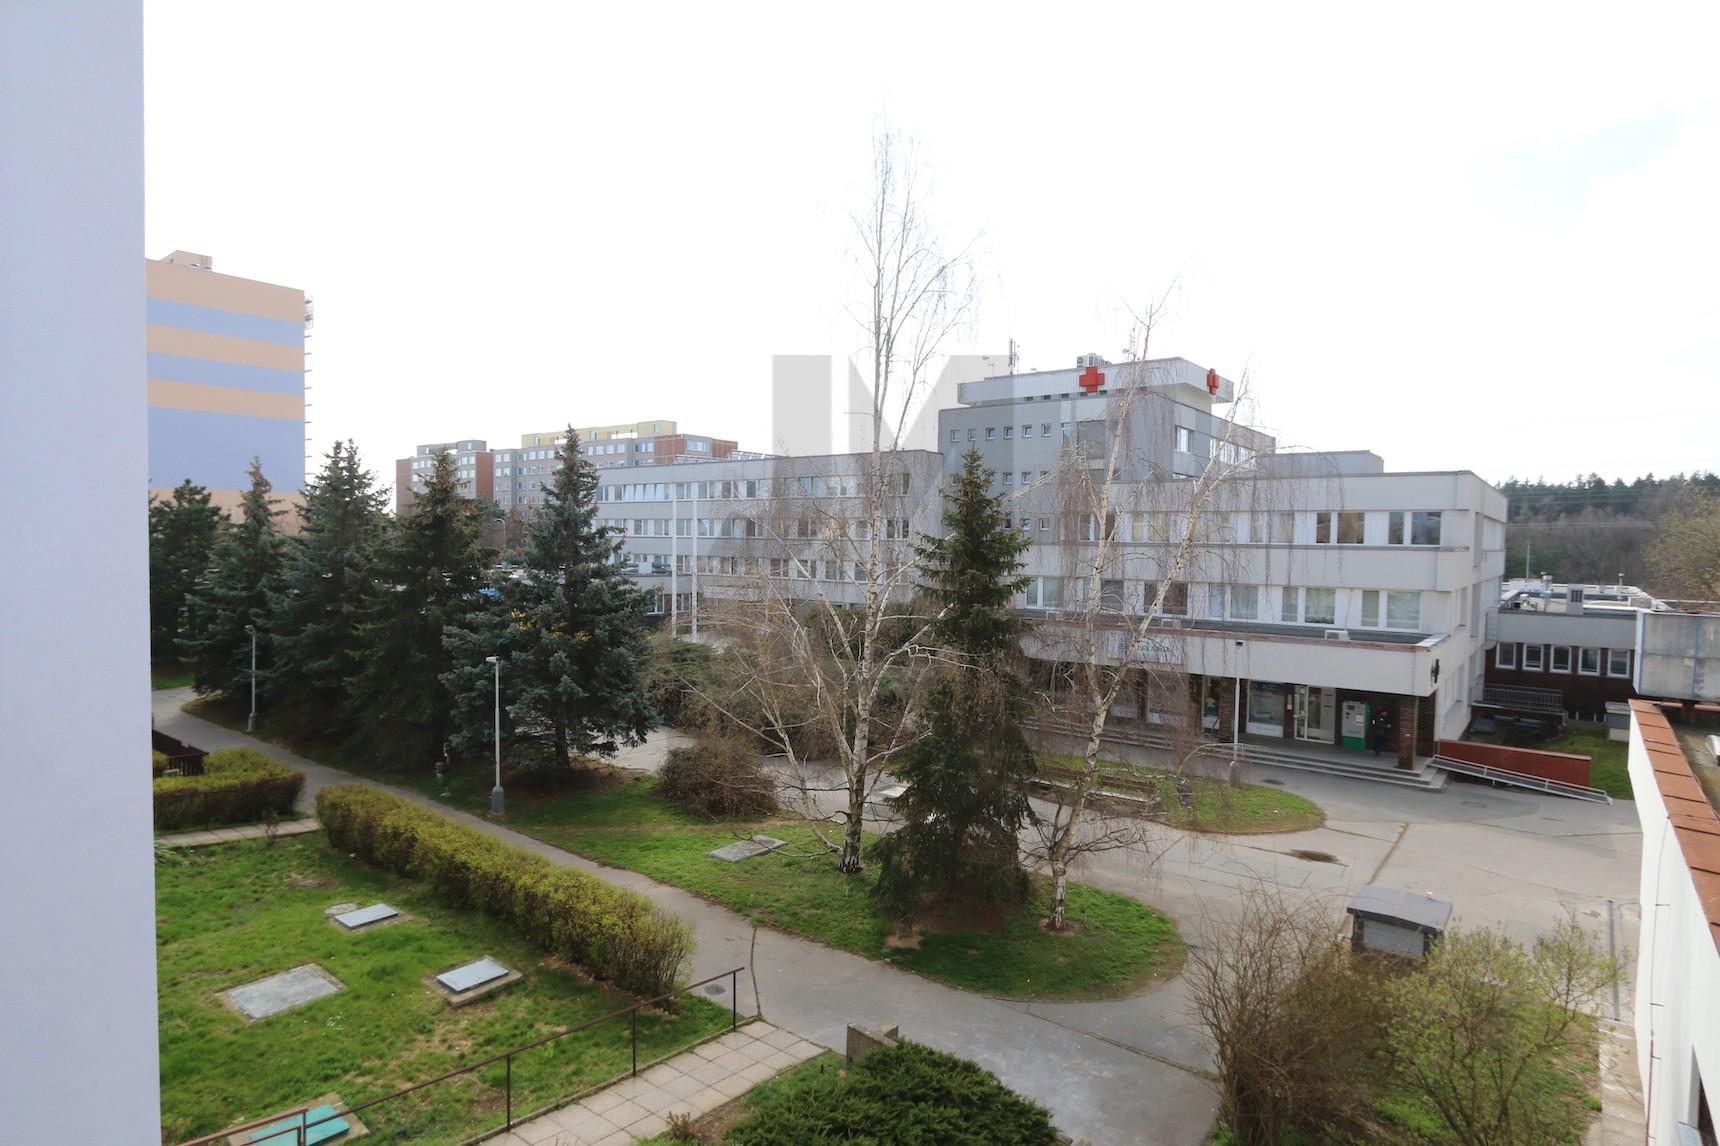 NÁJEM BYTU 2+kk, Hráského, Praha 4 - Chodov